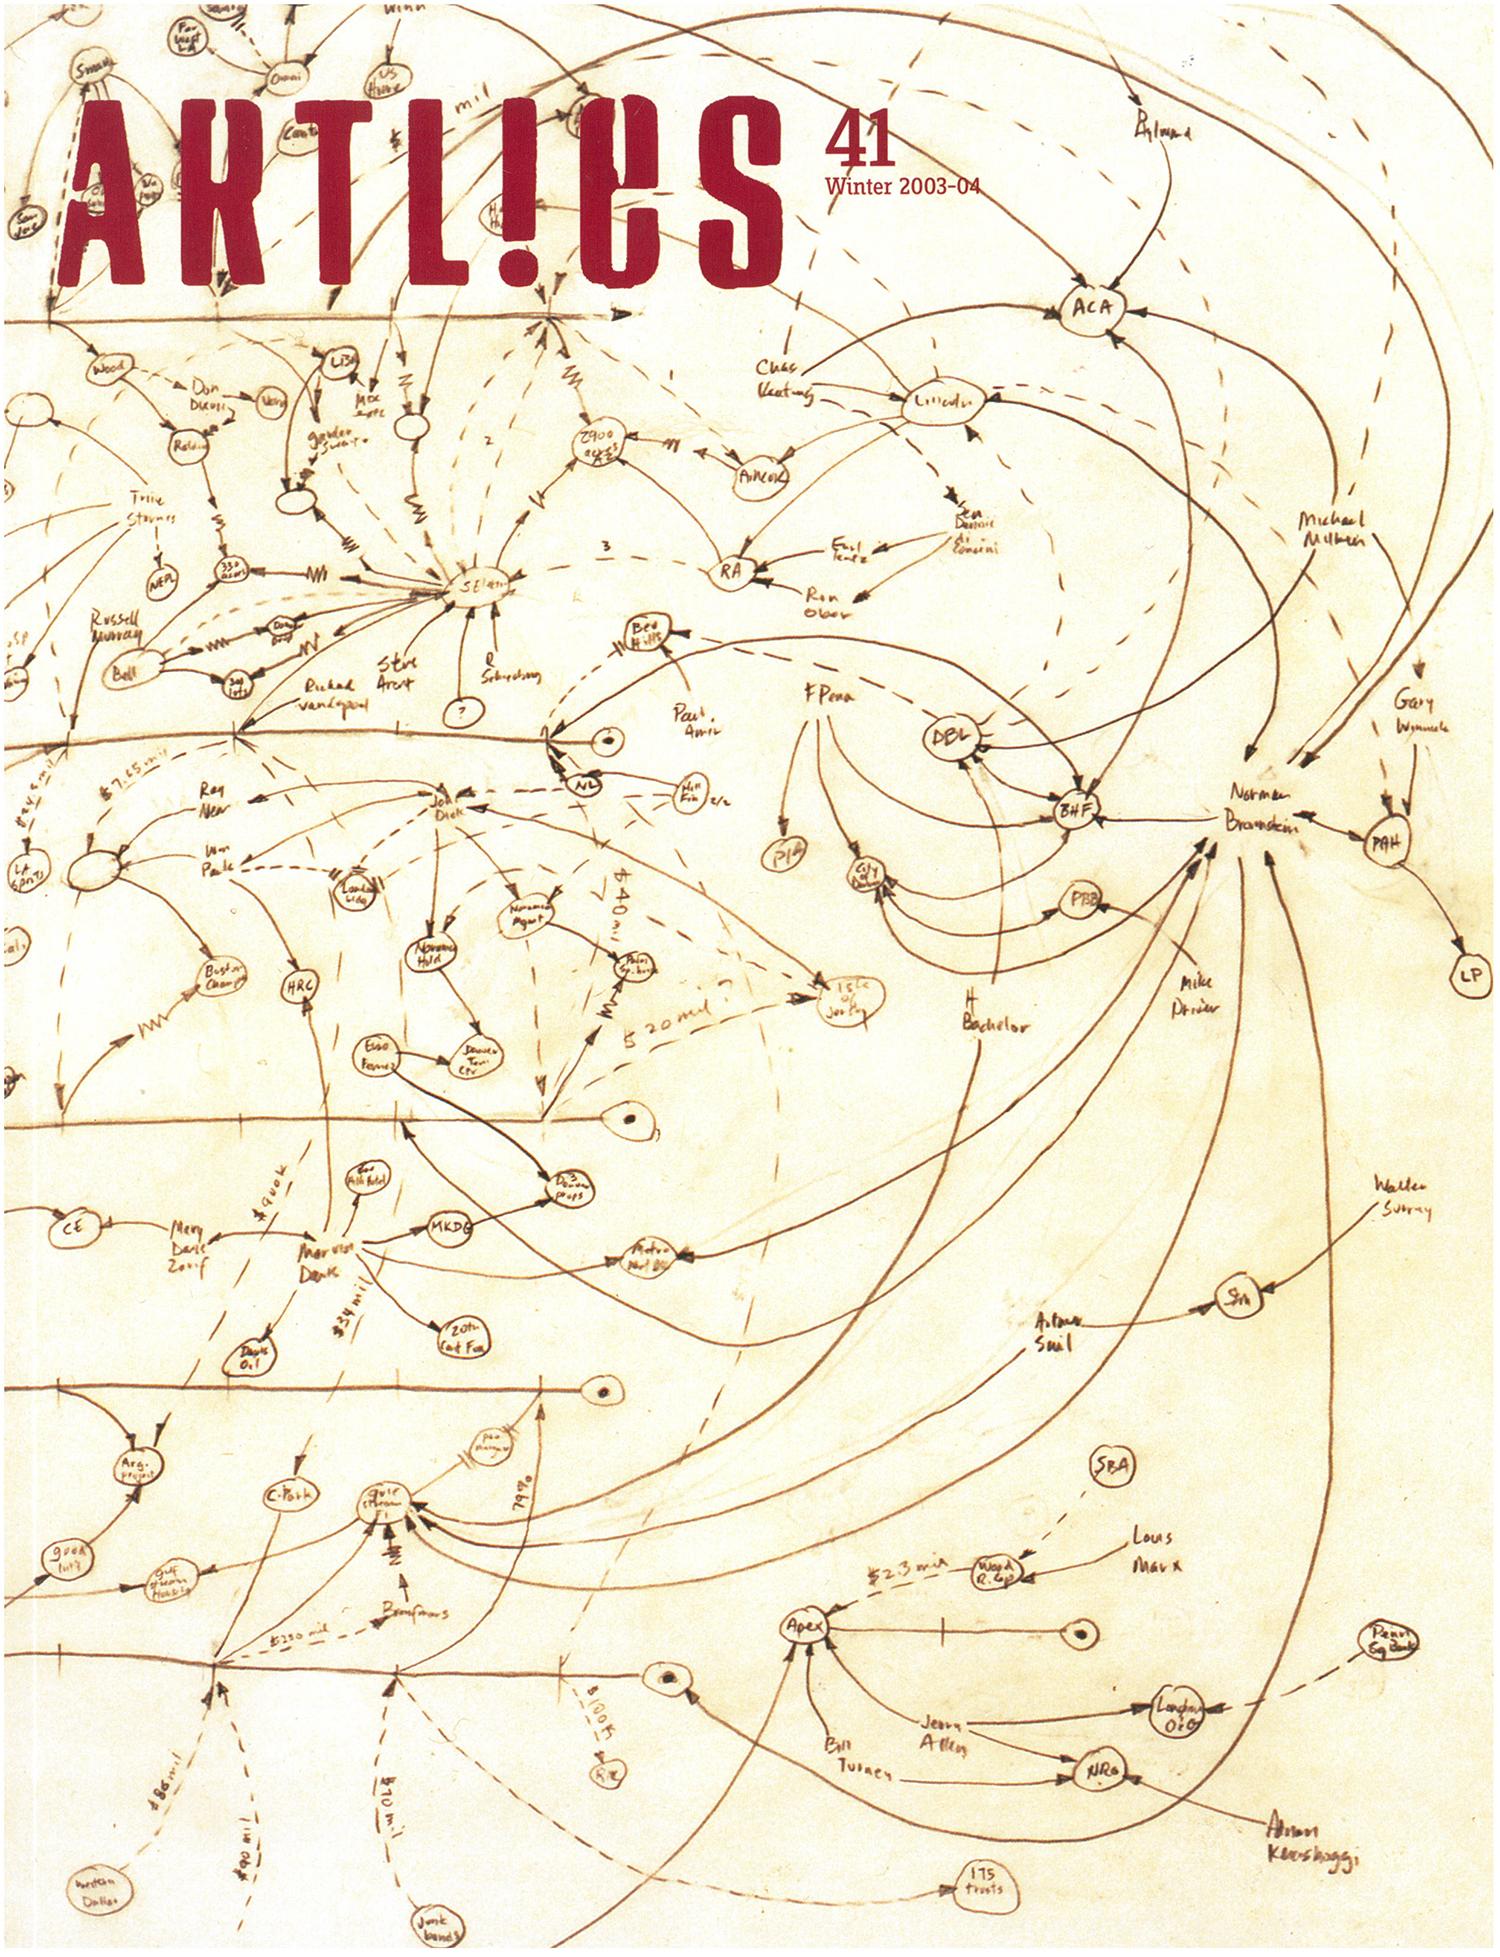 ArtL!es Volume 41 Magazine Cover